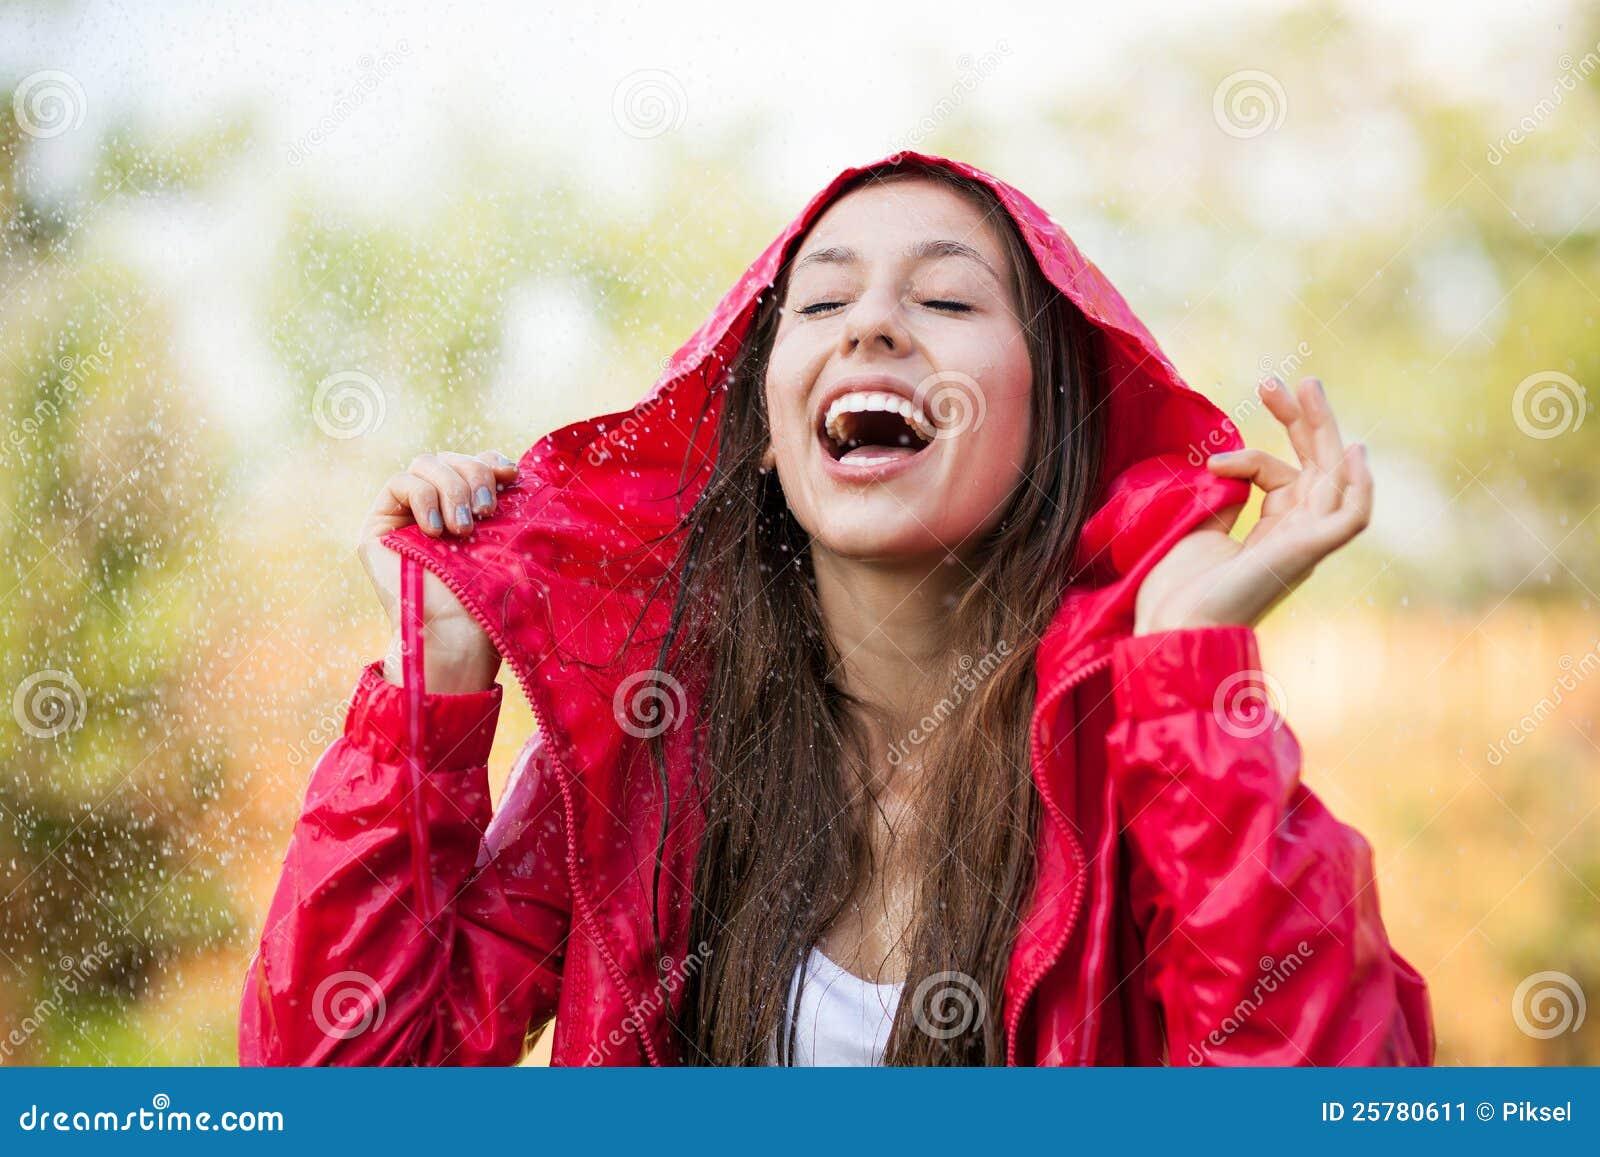 Joyful woman playing in rain